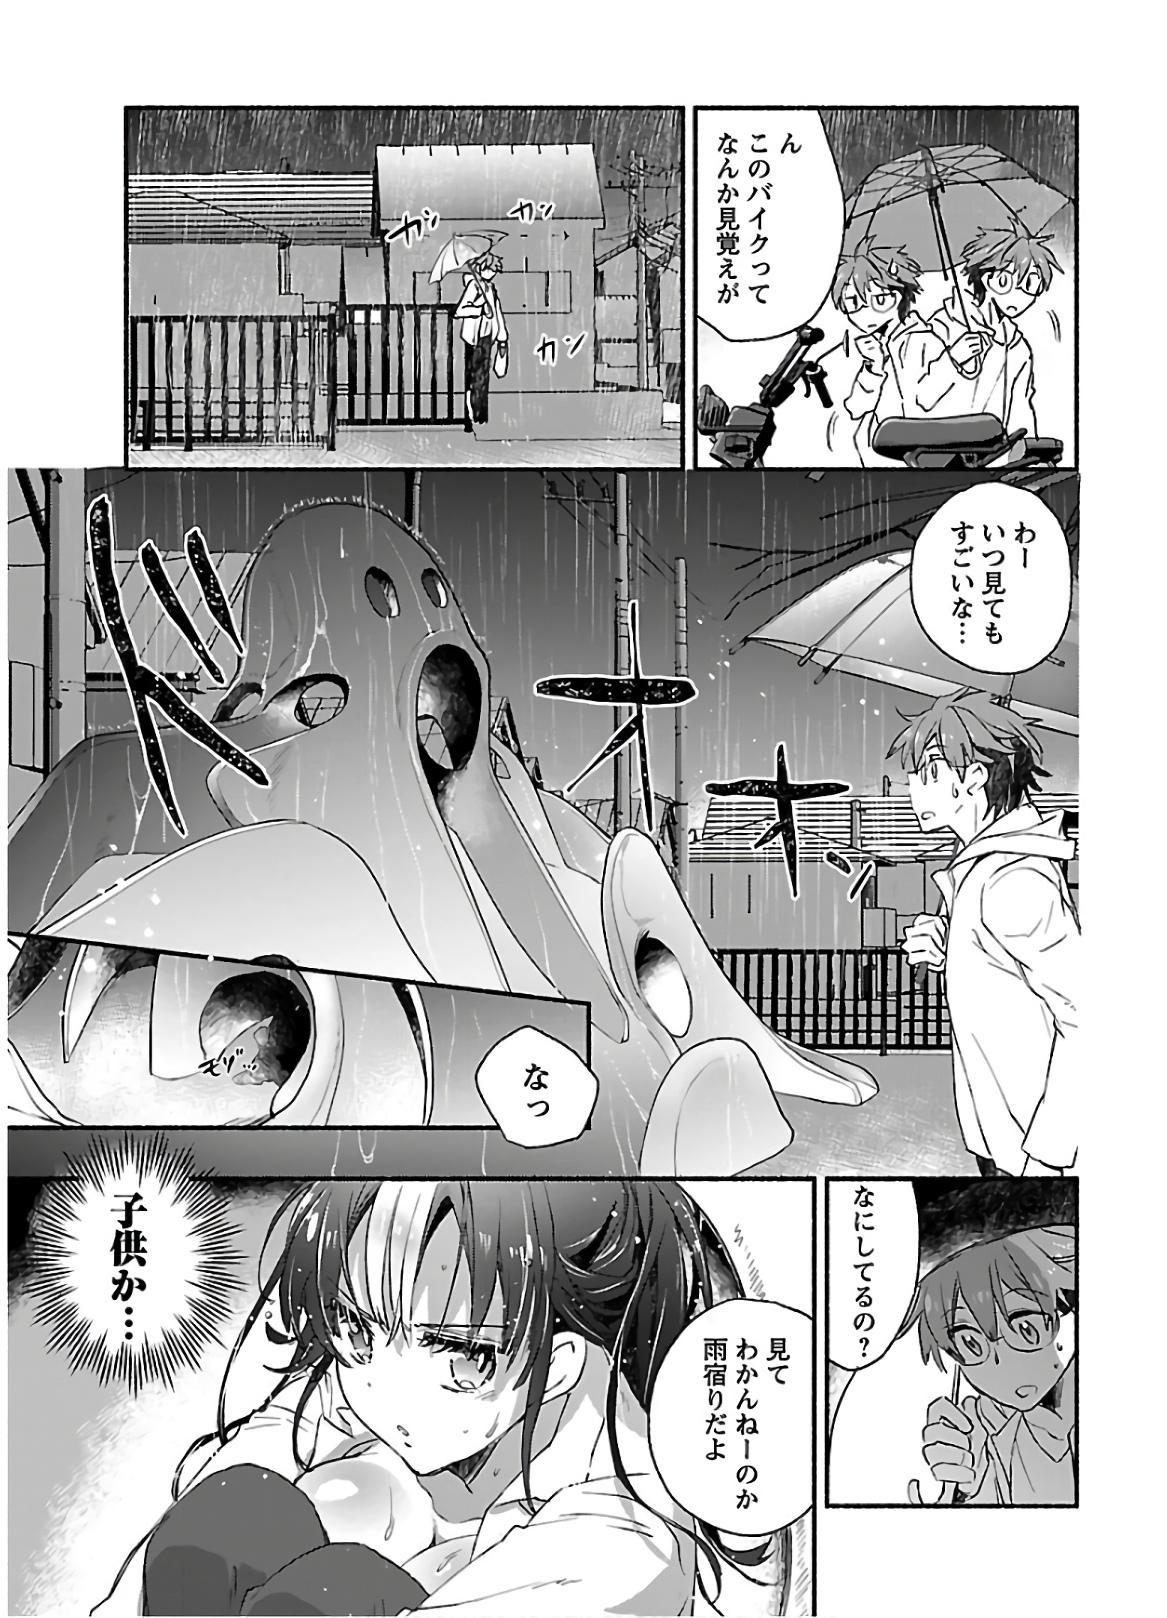 Yankii musume ni natsukarete kotoshi mo juken ni shippai shisou desu  vol.1 104